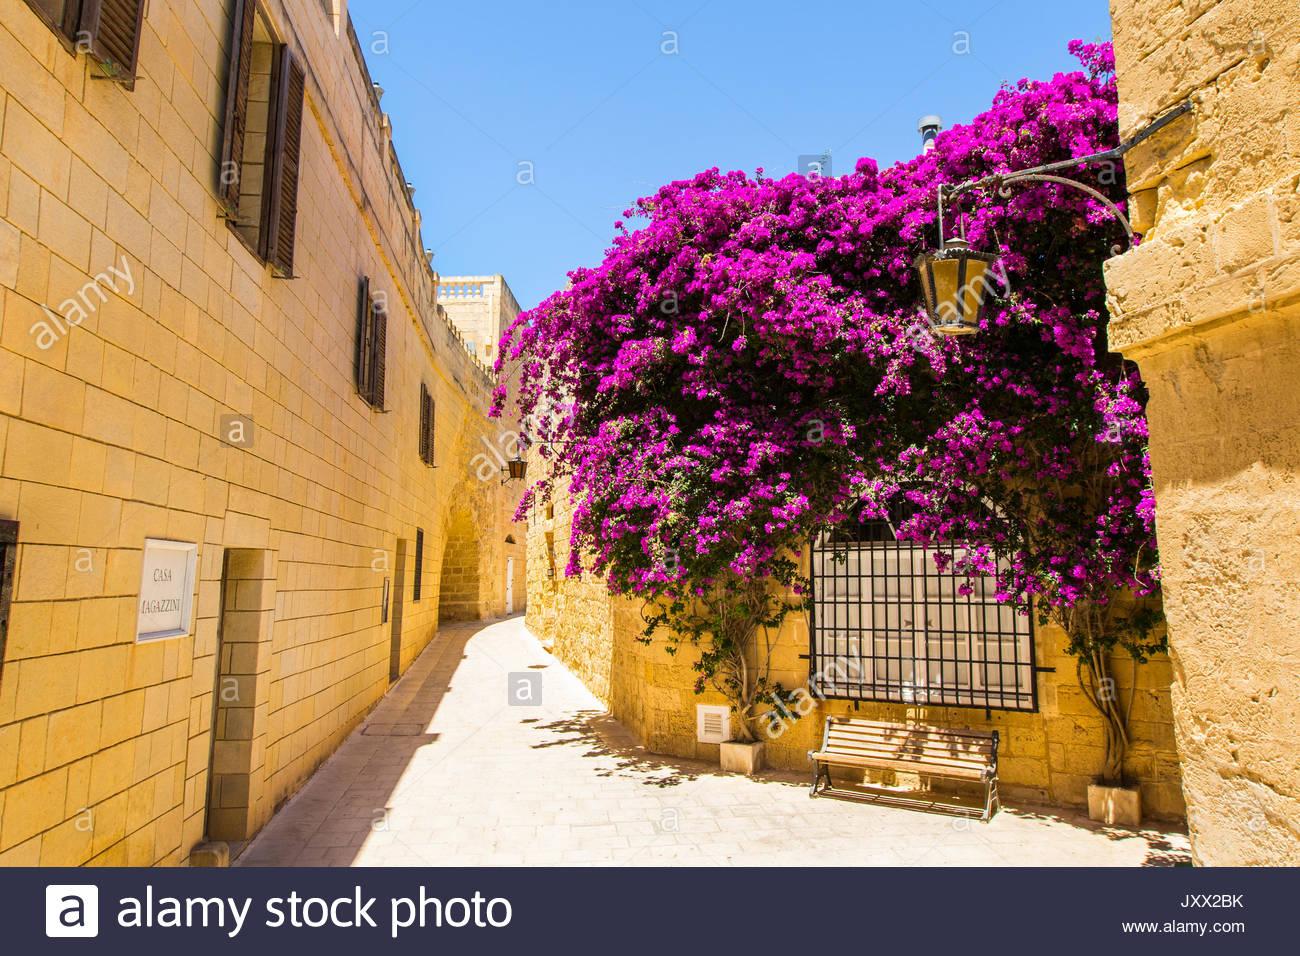 Banco bajo una floración púrpura bougainvillea en una callejuela de Mdina, malta Imagen De Stock